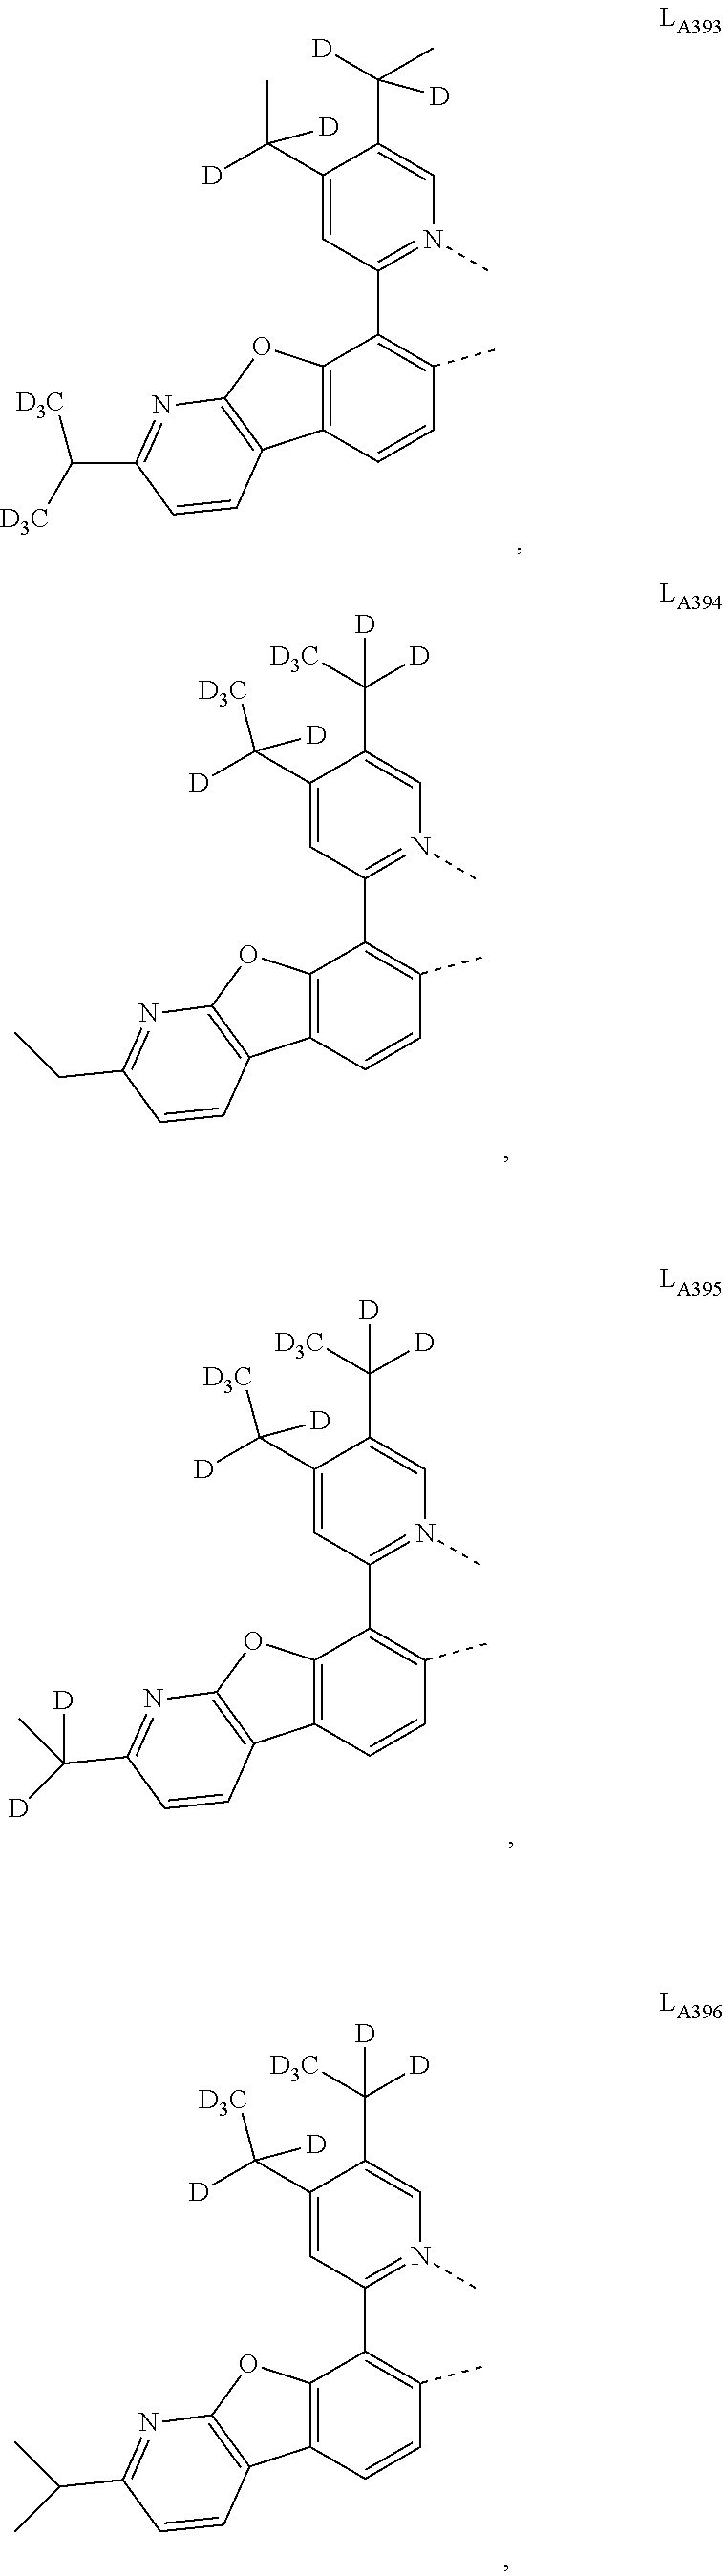 Figure US20160049599A1-20160218-C00485